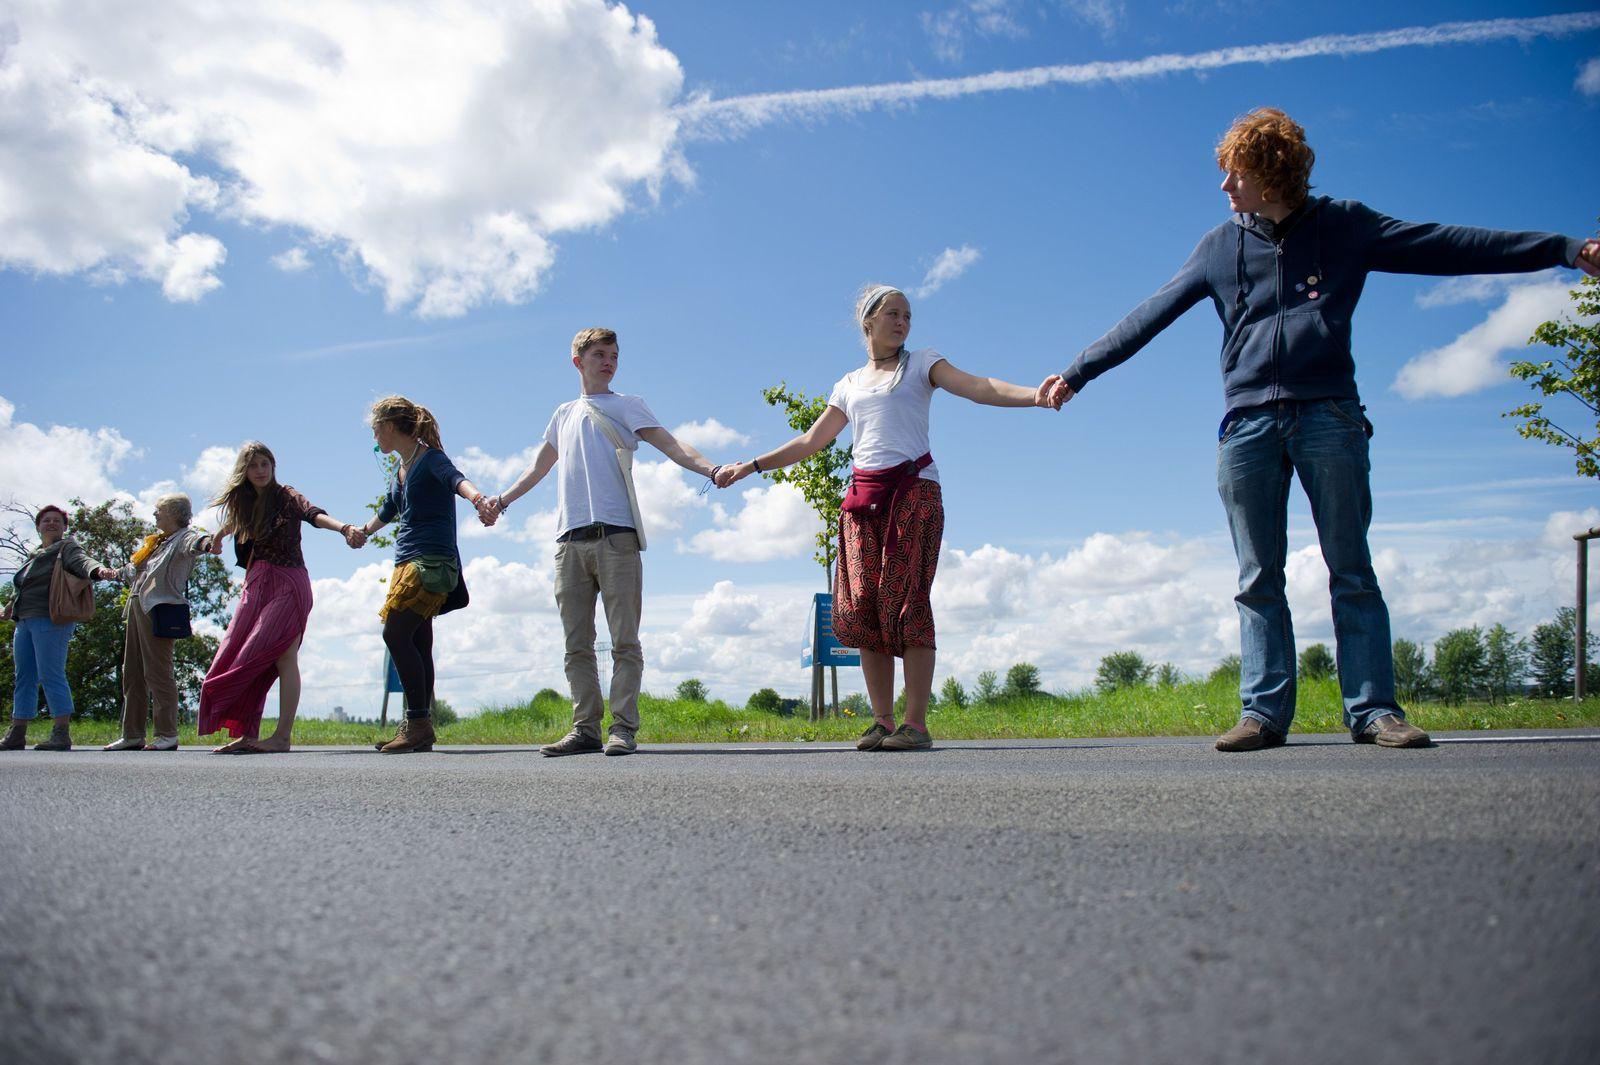 Pasewalk / Menschenkette gegen Rechtsextremismus